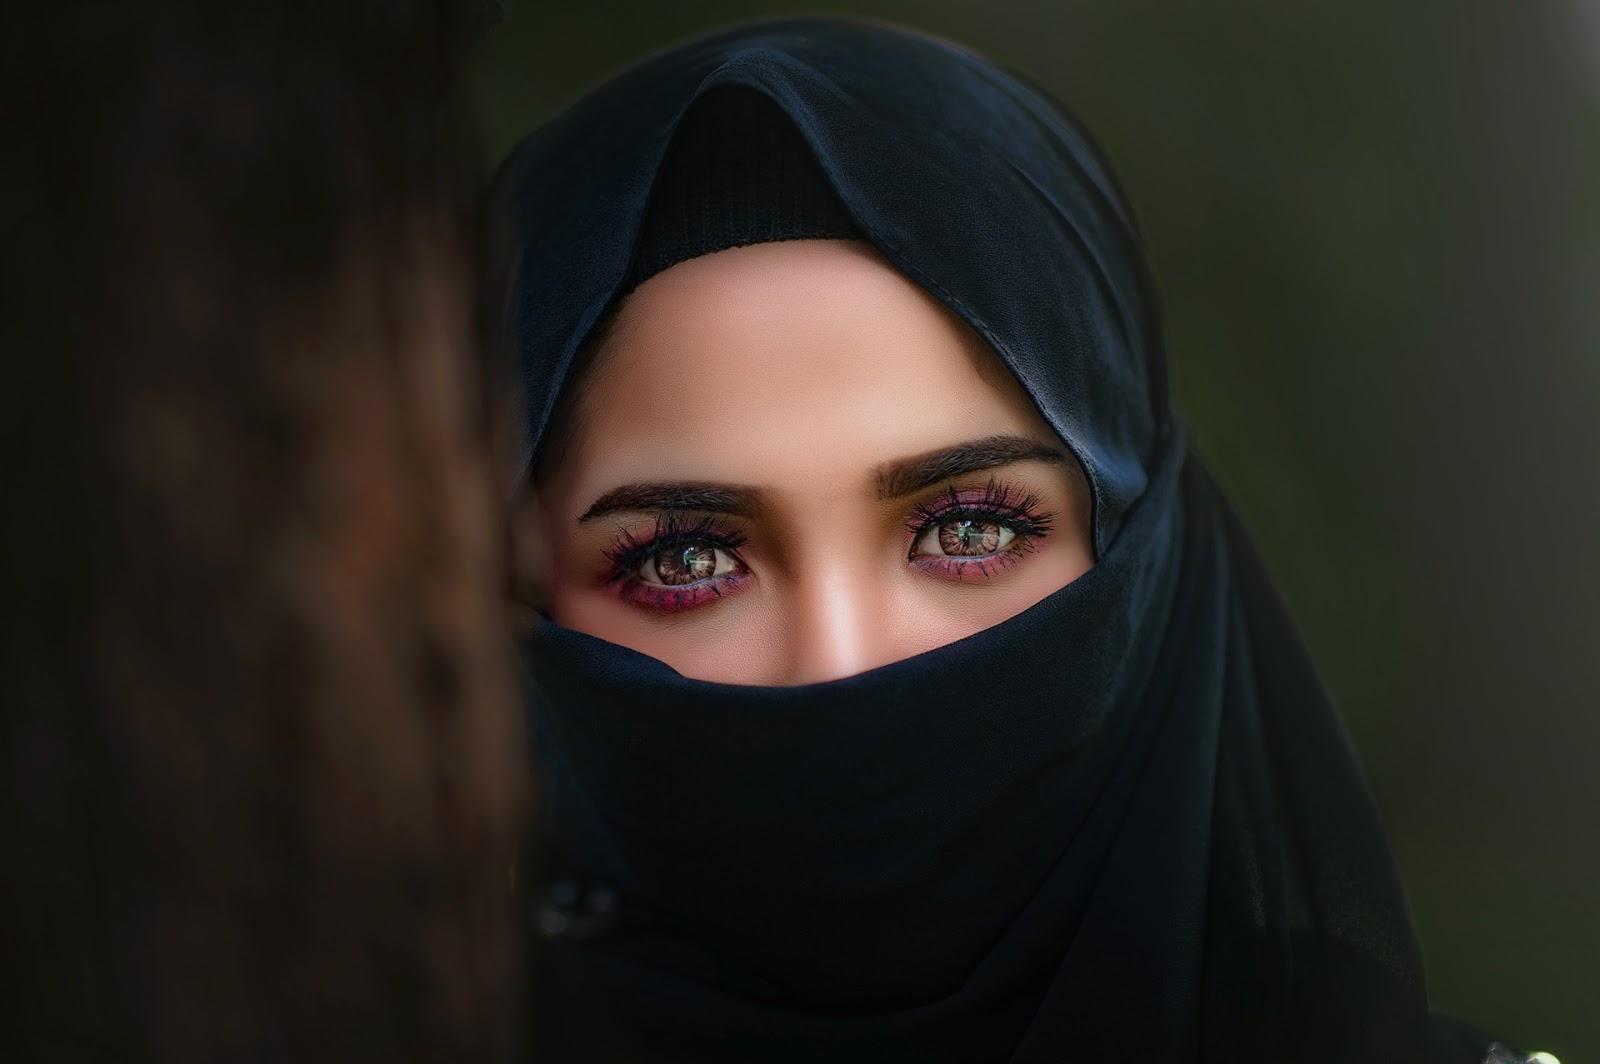 ಕಳ್ಳನೋಟಗಳ ಕರಾಳ ನೆನಪುಗಳು : Respect Women and Save Women